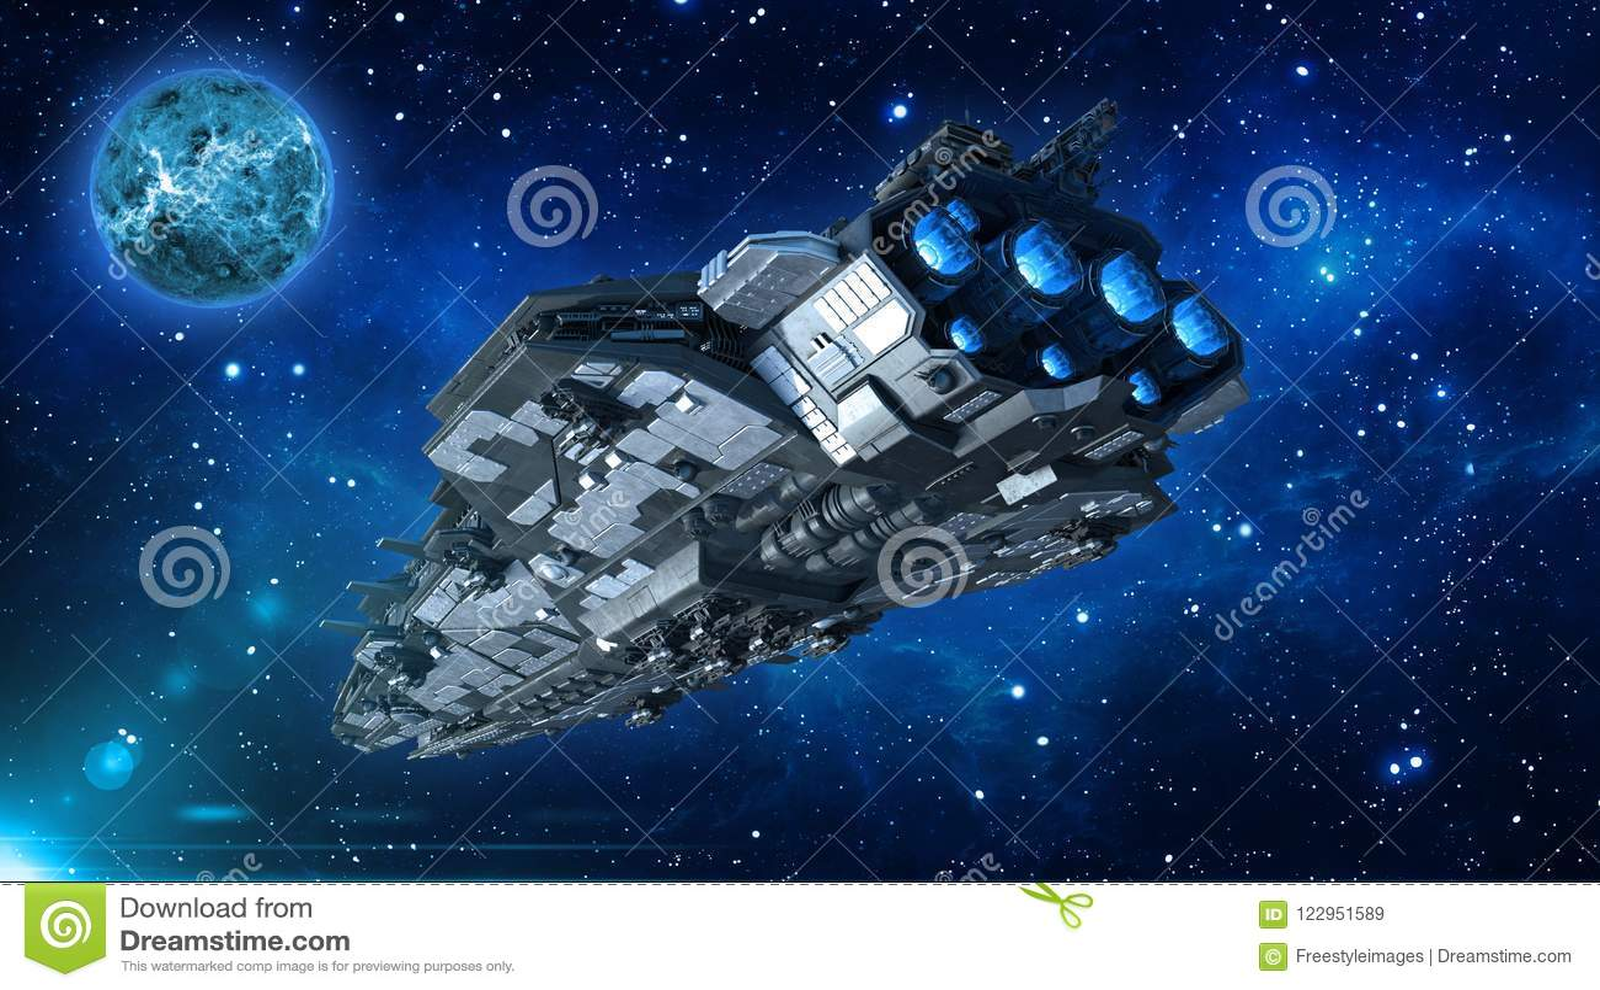 Космический корабль чужеземца в вселенной, летании корабля в глубоком космосе с планетой и звездах на заднем плане, взгляд UFO за